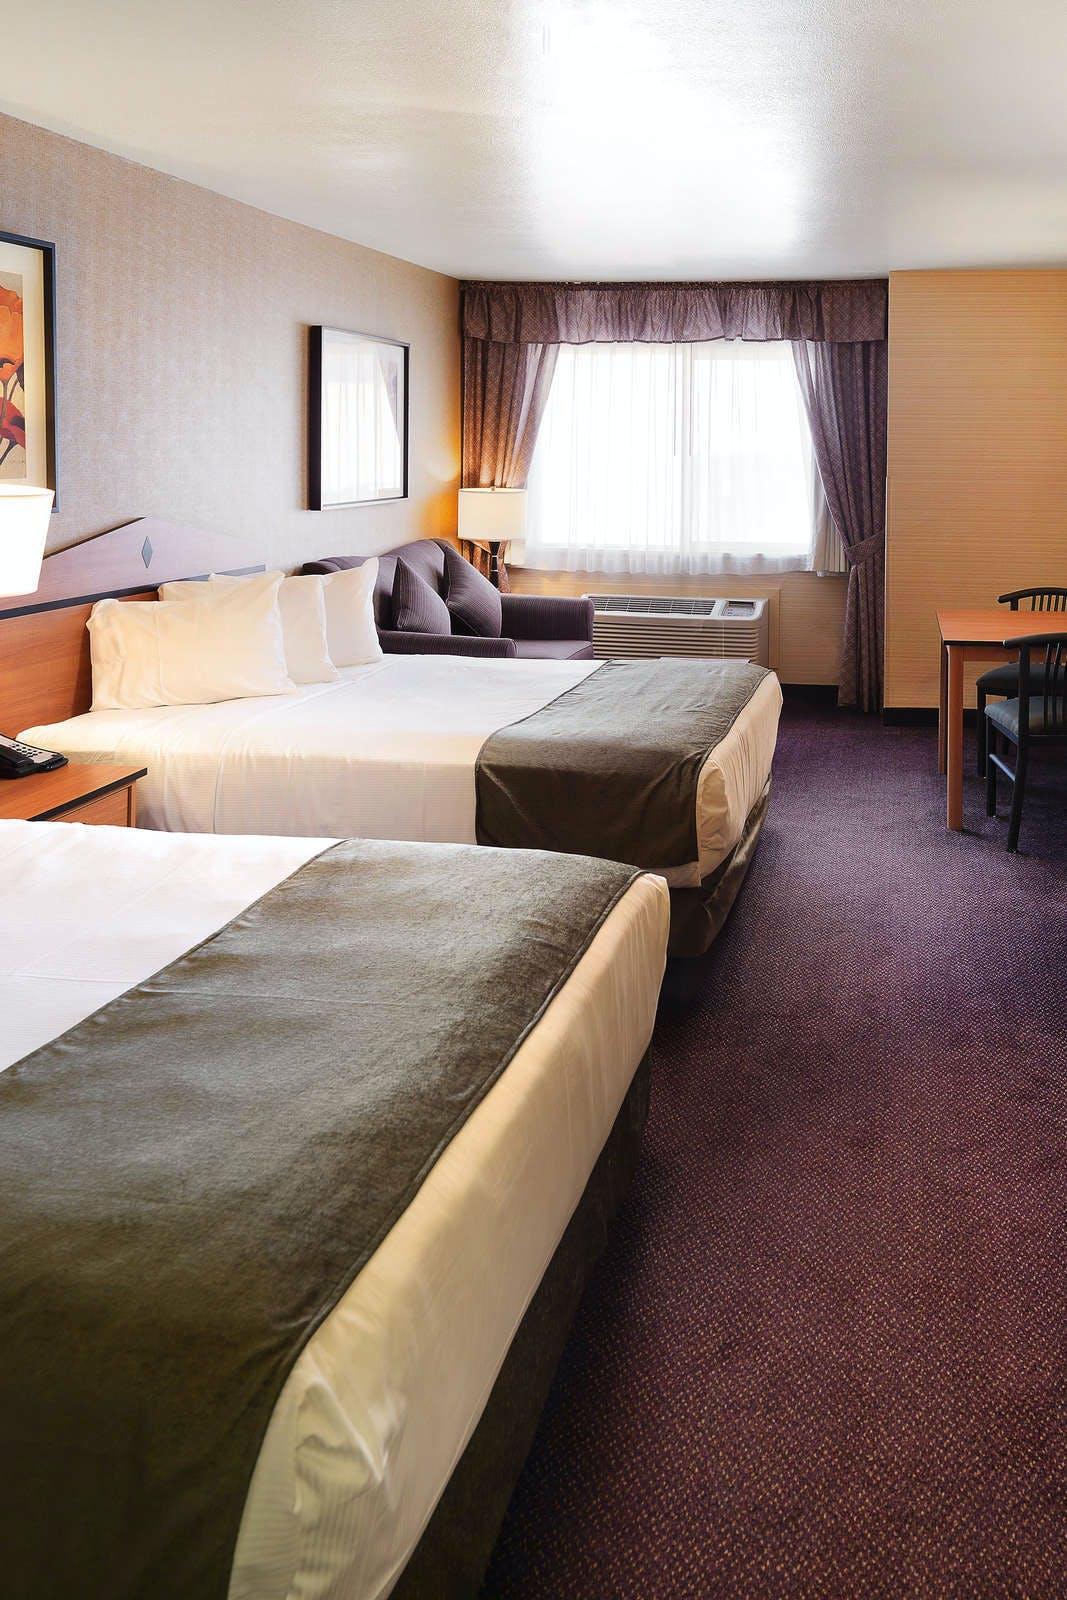 Crystal Inn Hotel & Suites Midvalley